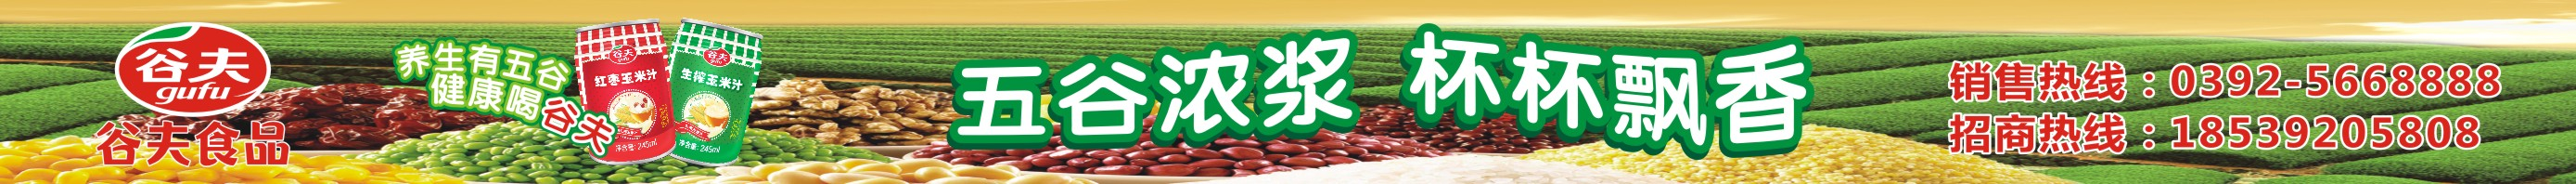 河南谷夫食品股份有限公司欢迎您